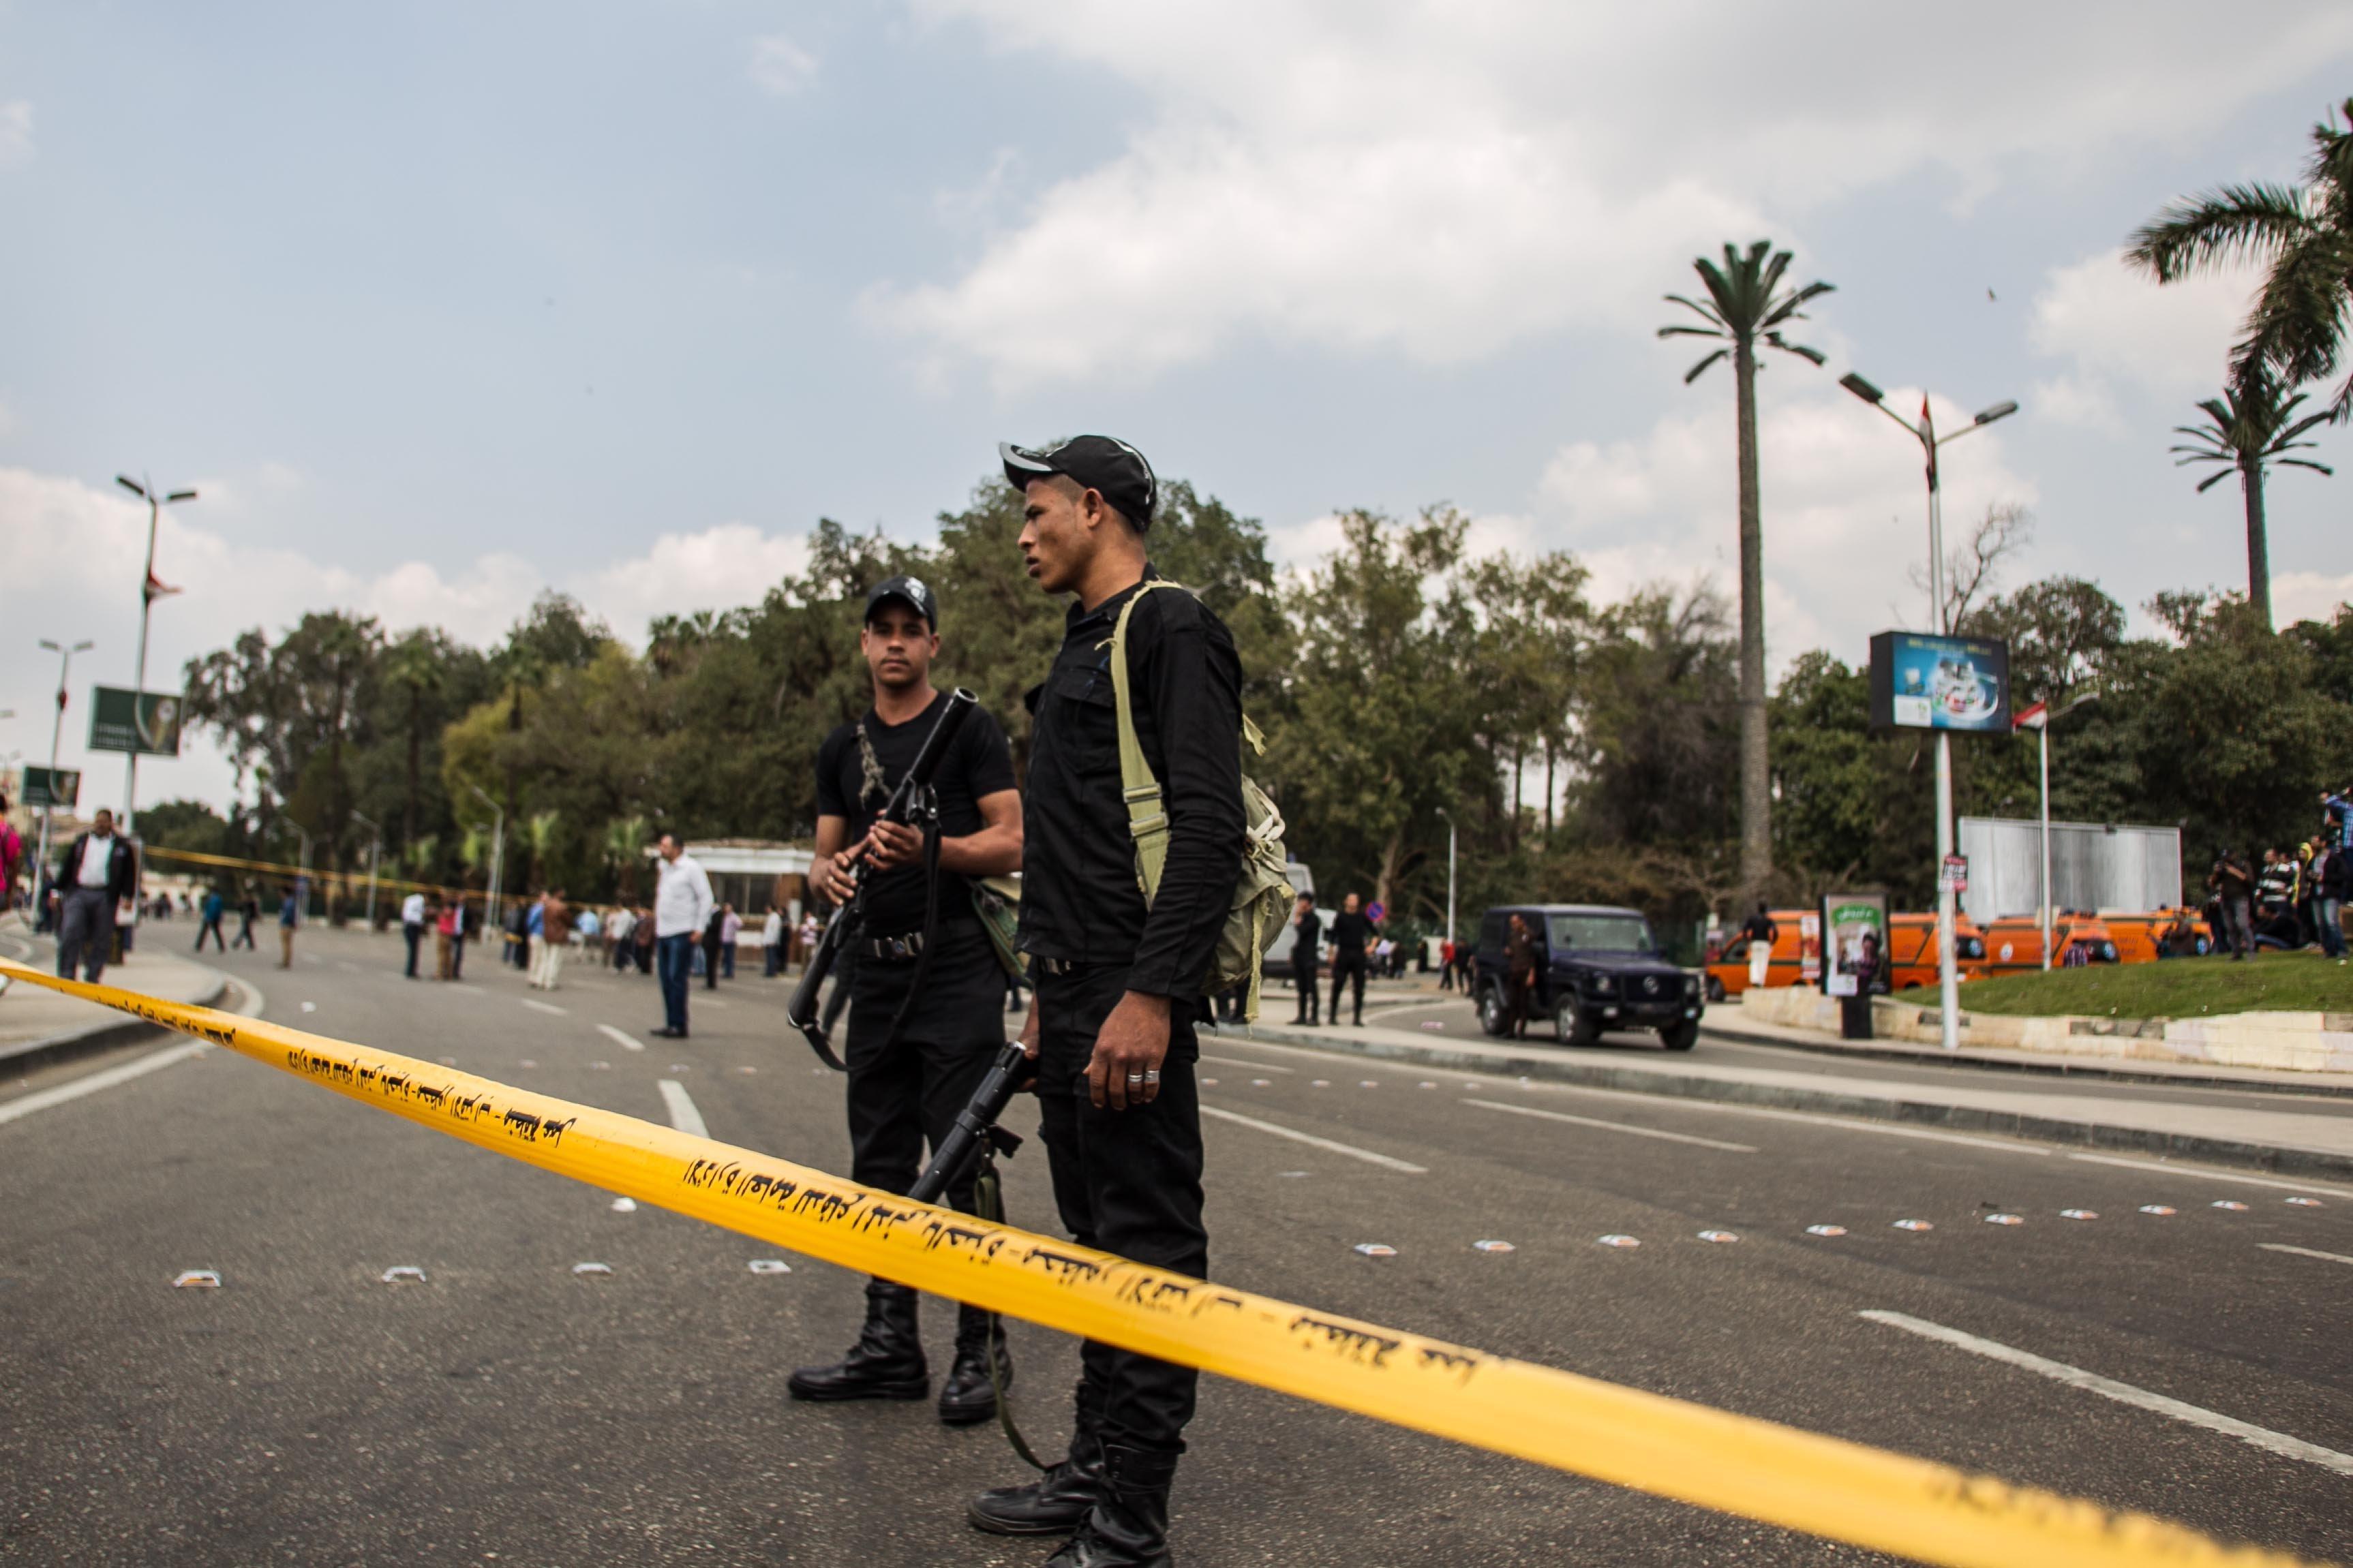 DPA: напавший натуристов вХургаде мужчина действовал поуказаниюИГ